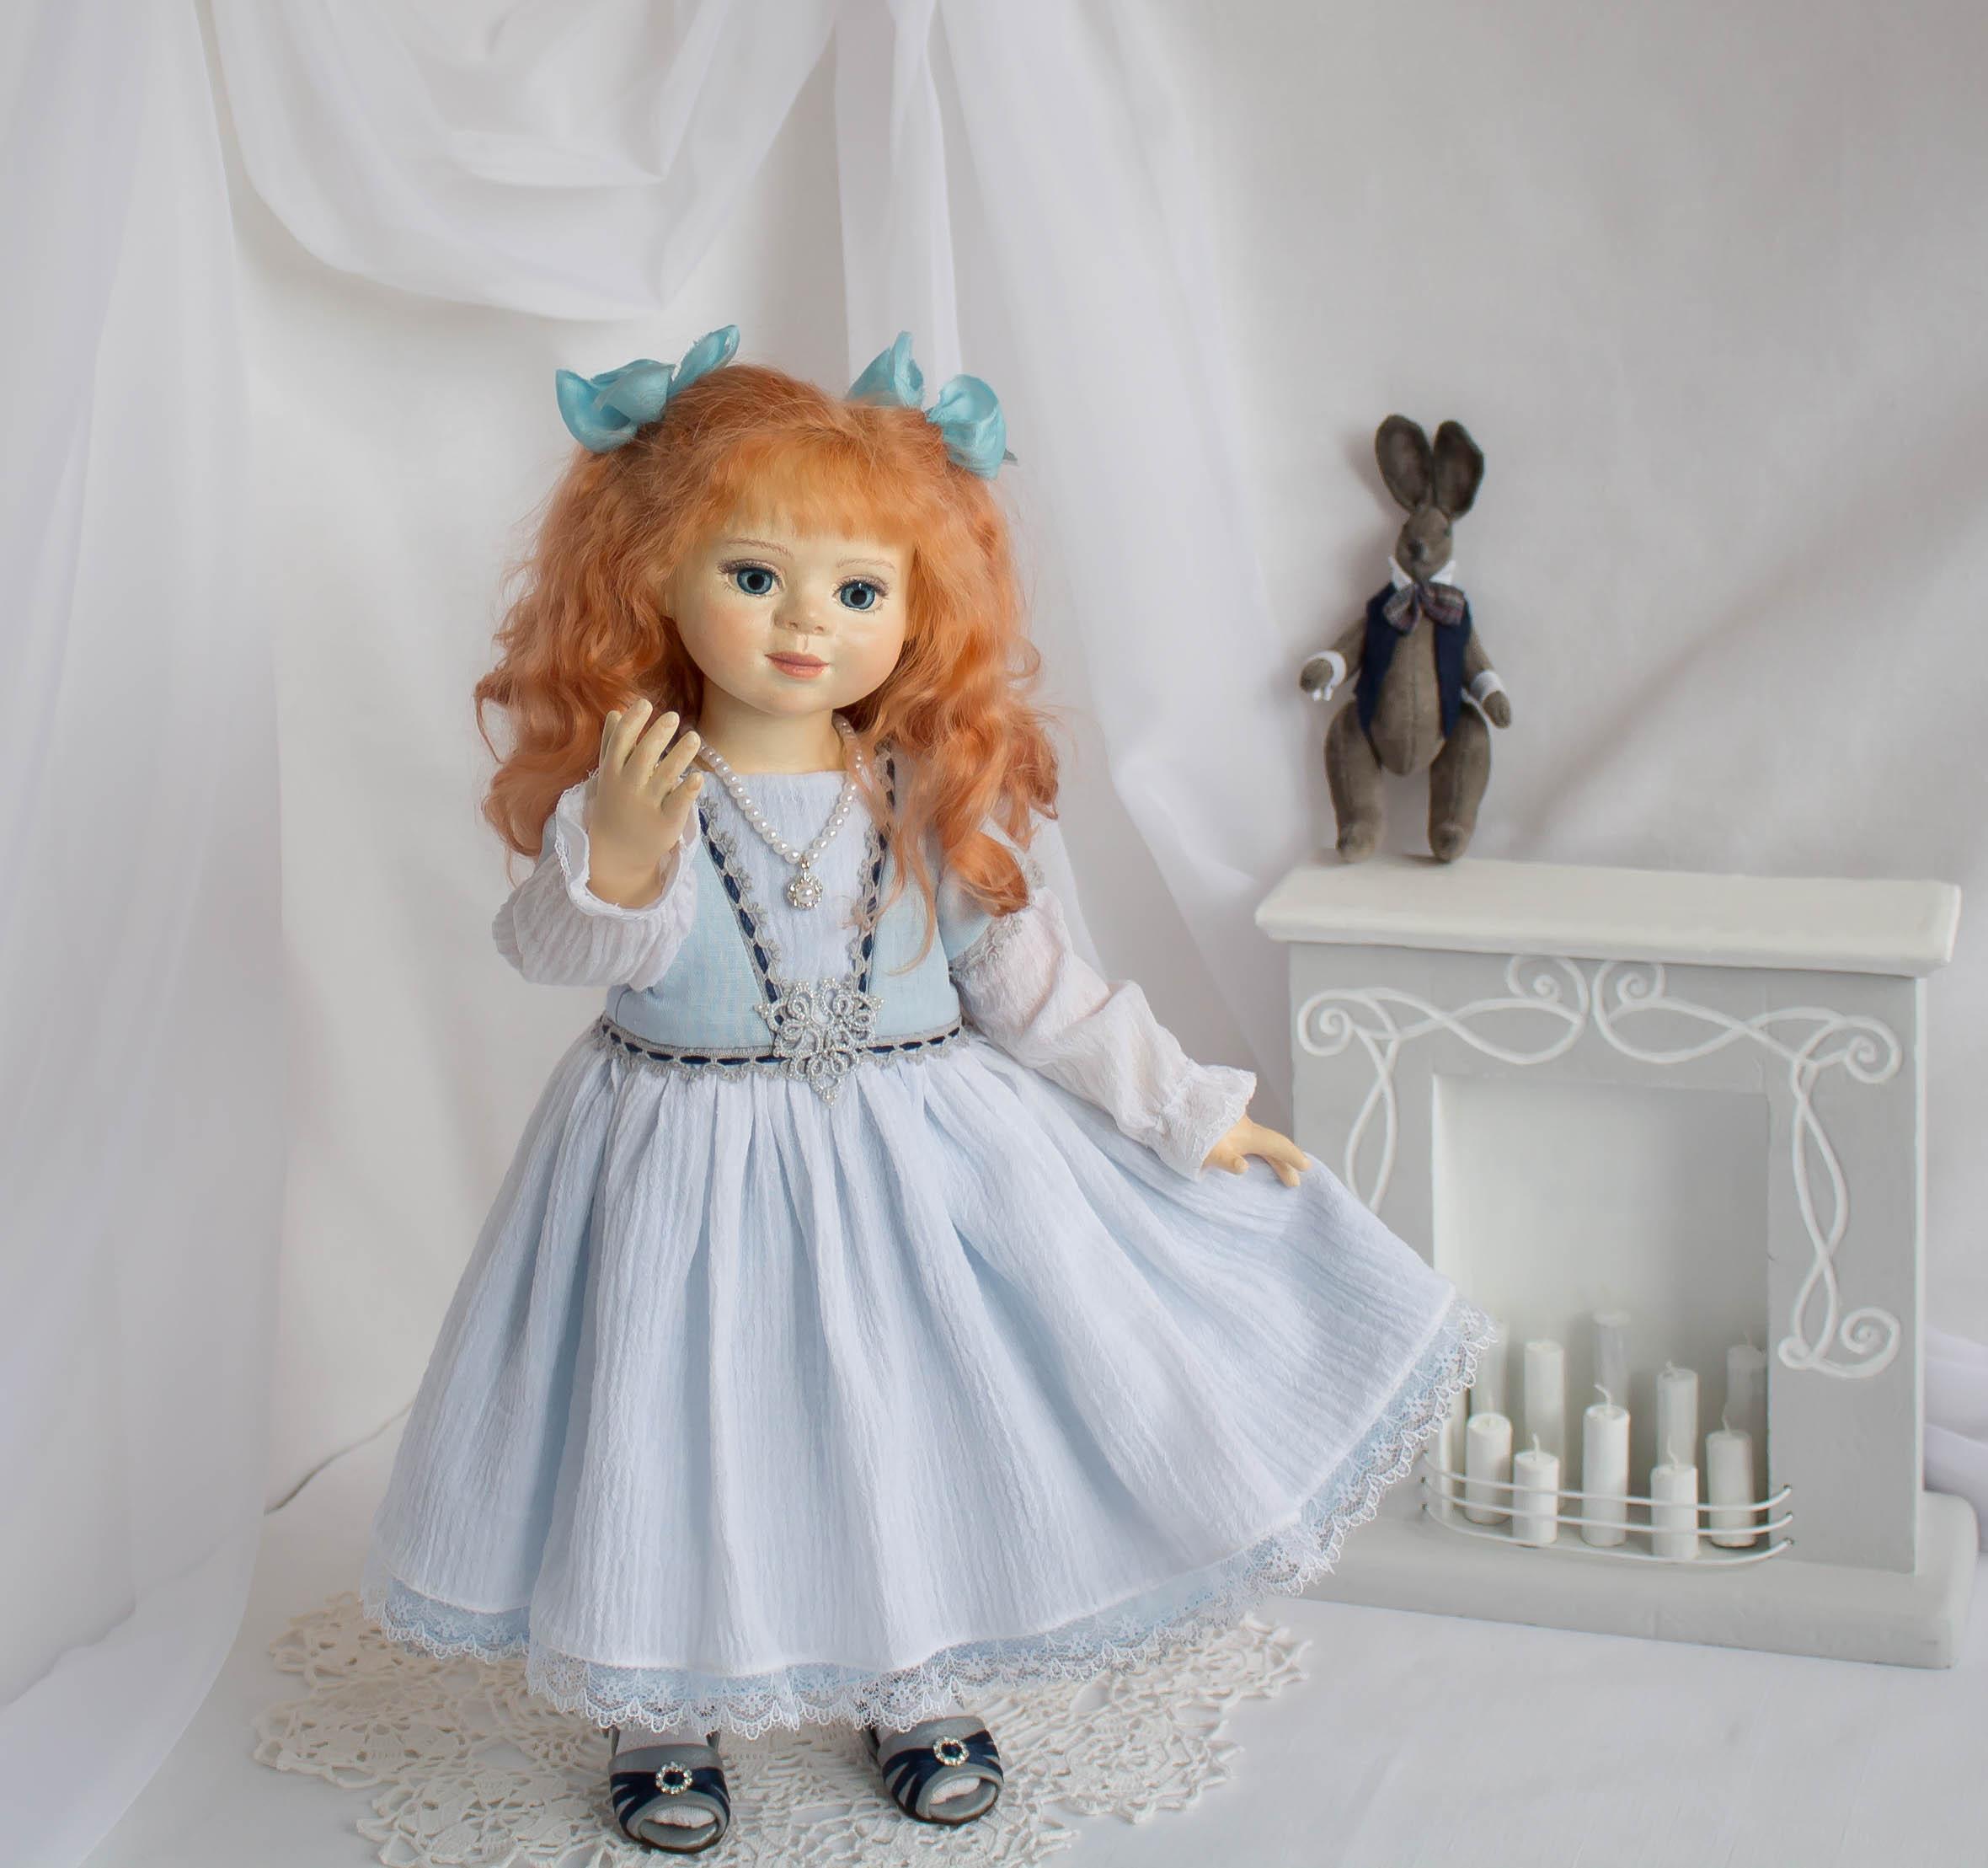 Алиса. Кукла Елены Масякиной